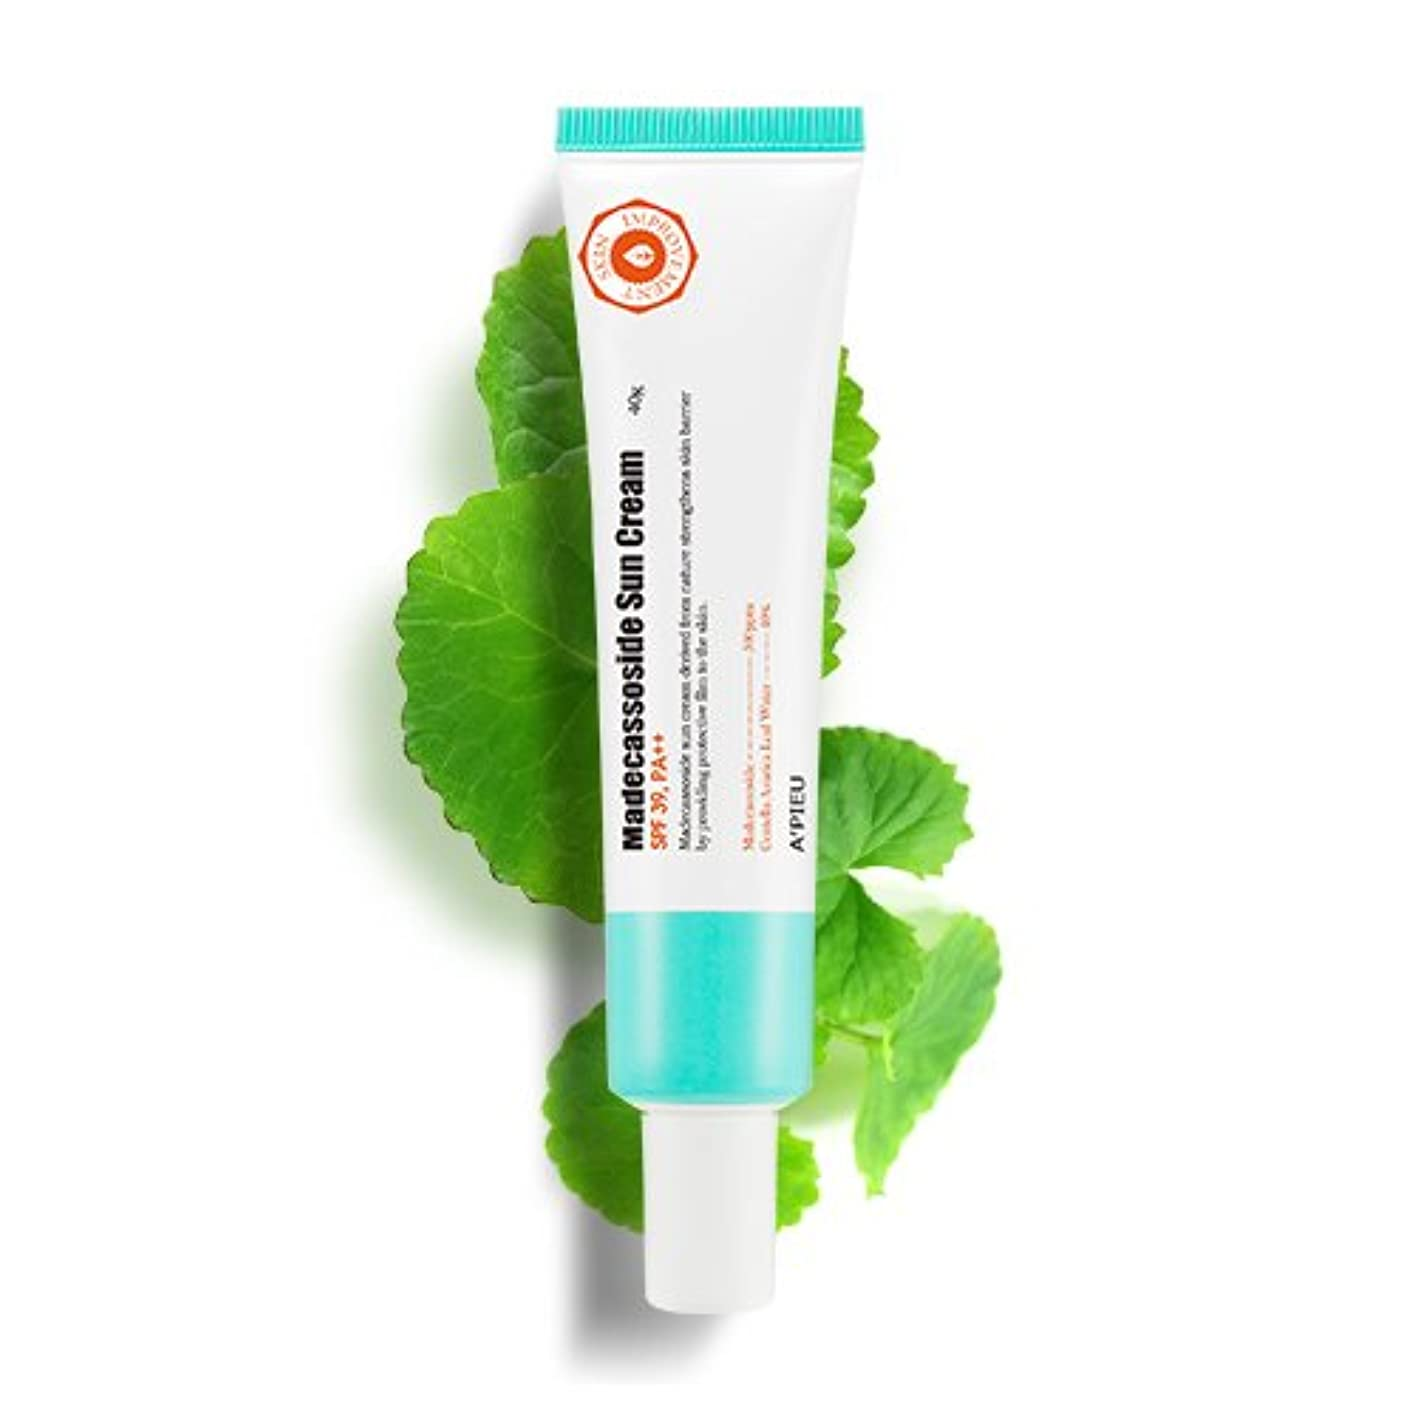 APIEU Madecassoside Sun Cream アピュマデカソシドサンクリーム(SPF39, PA++) [並行輸入品]